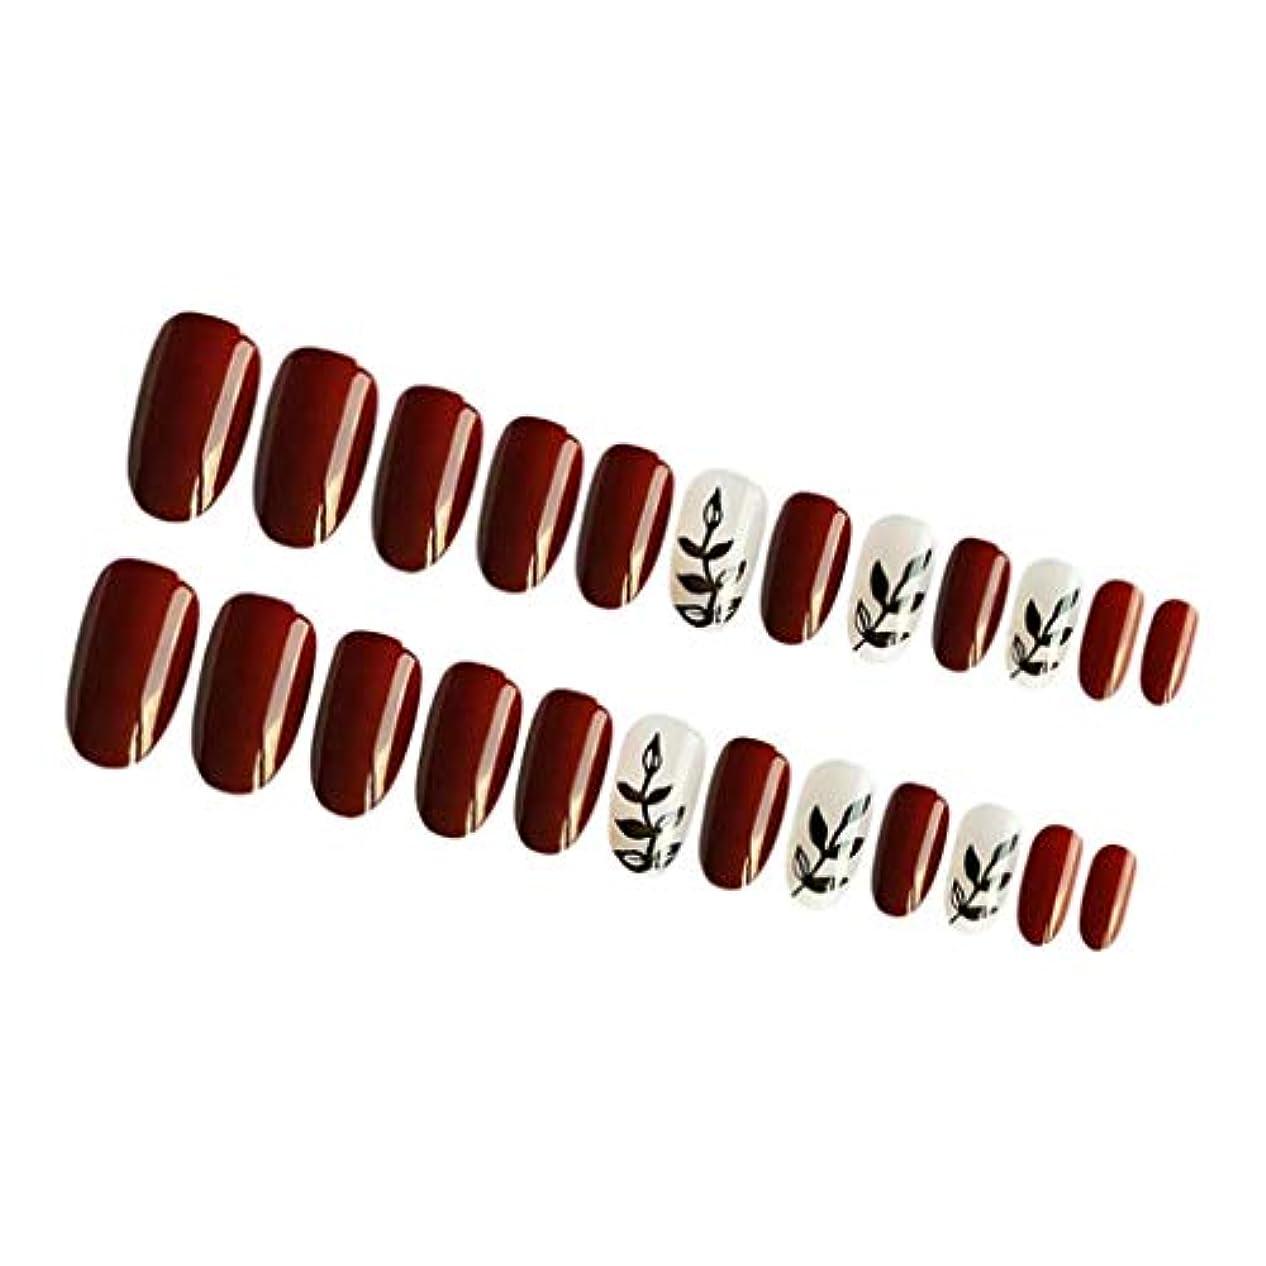 含めるテレビ局ボンドInjoyo つけ爪 付け爪 ネイルチップ 人工爪 ネイルステッカー 永続的 防水 ABS材料 約24個入り 全4カラー - 01